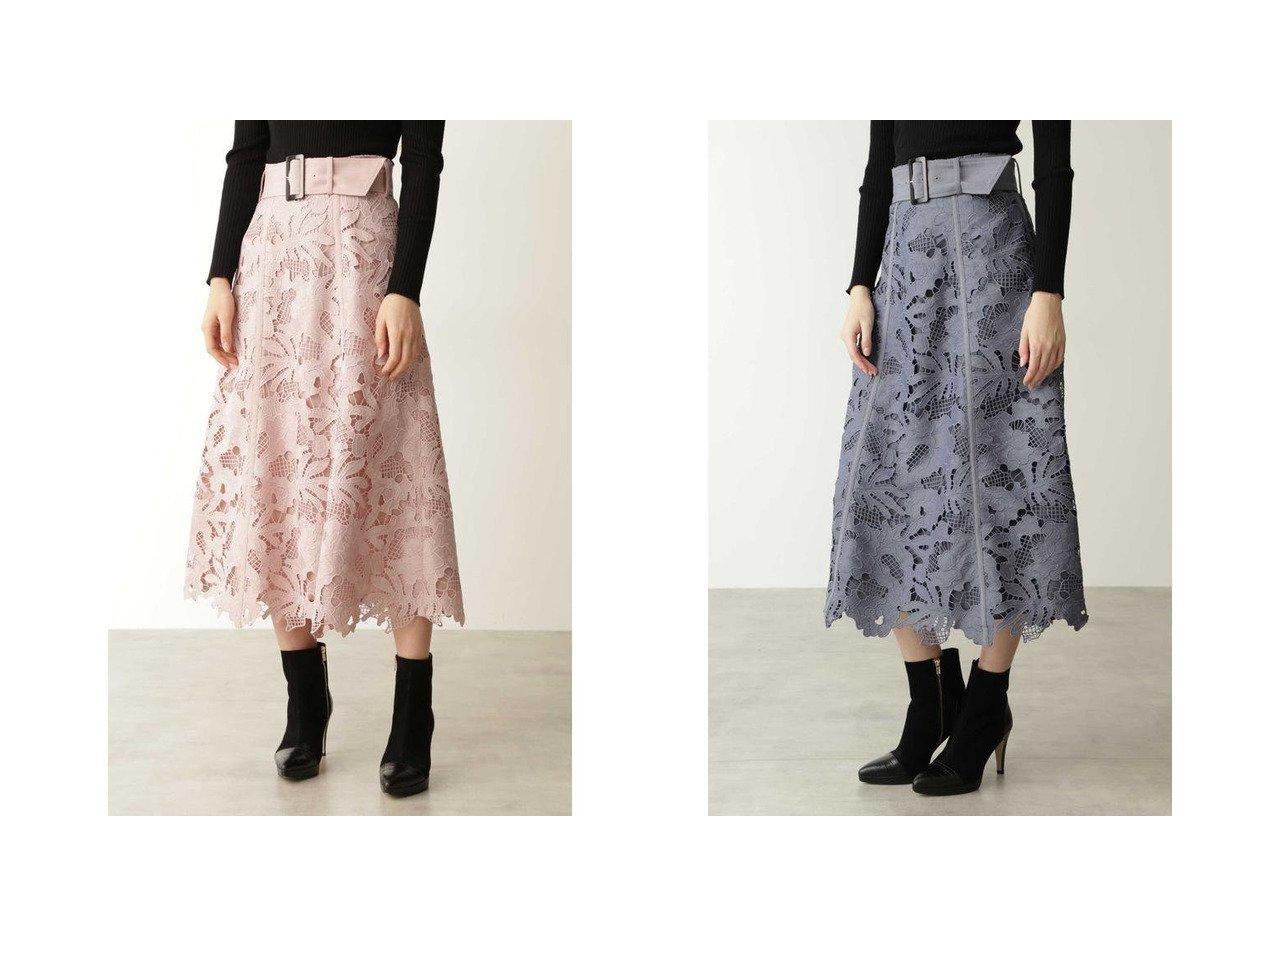 【Pinky&Dianne/ピンキーアンドダイアン】のフラワーケミカルレースフレアスカート スカートのおすすめ!人気、レディースファッションの通販  おすすめファッション通販アイテム インテリア・キッズ・メンズ・レディースファッション・服の通販 founy(ファニー) ファッション Fashion レディース WOMEN スカート Skirt Aライン/フレアスカート Flared A-Line Skirts ケミカル スマート フラワー フレア モチーフ レース レッド系 Red グレー系 Gray |ID:crp329100000004059